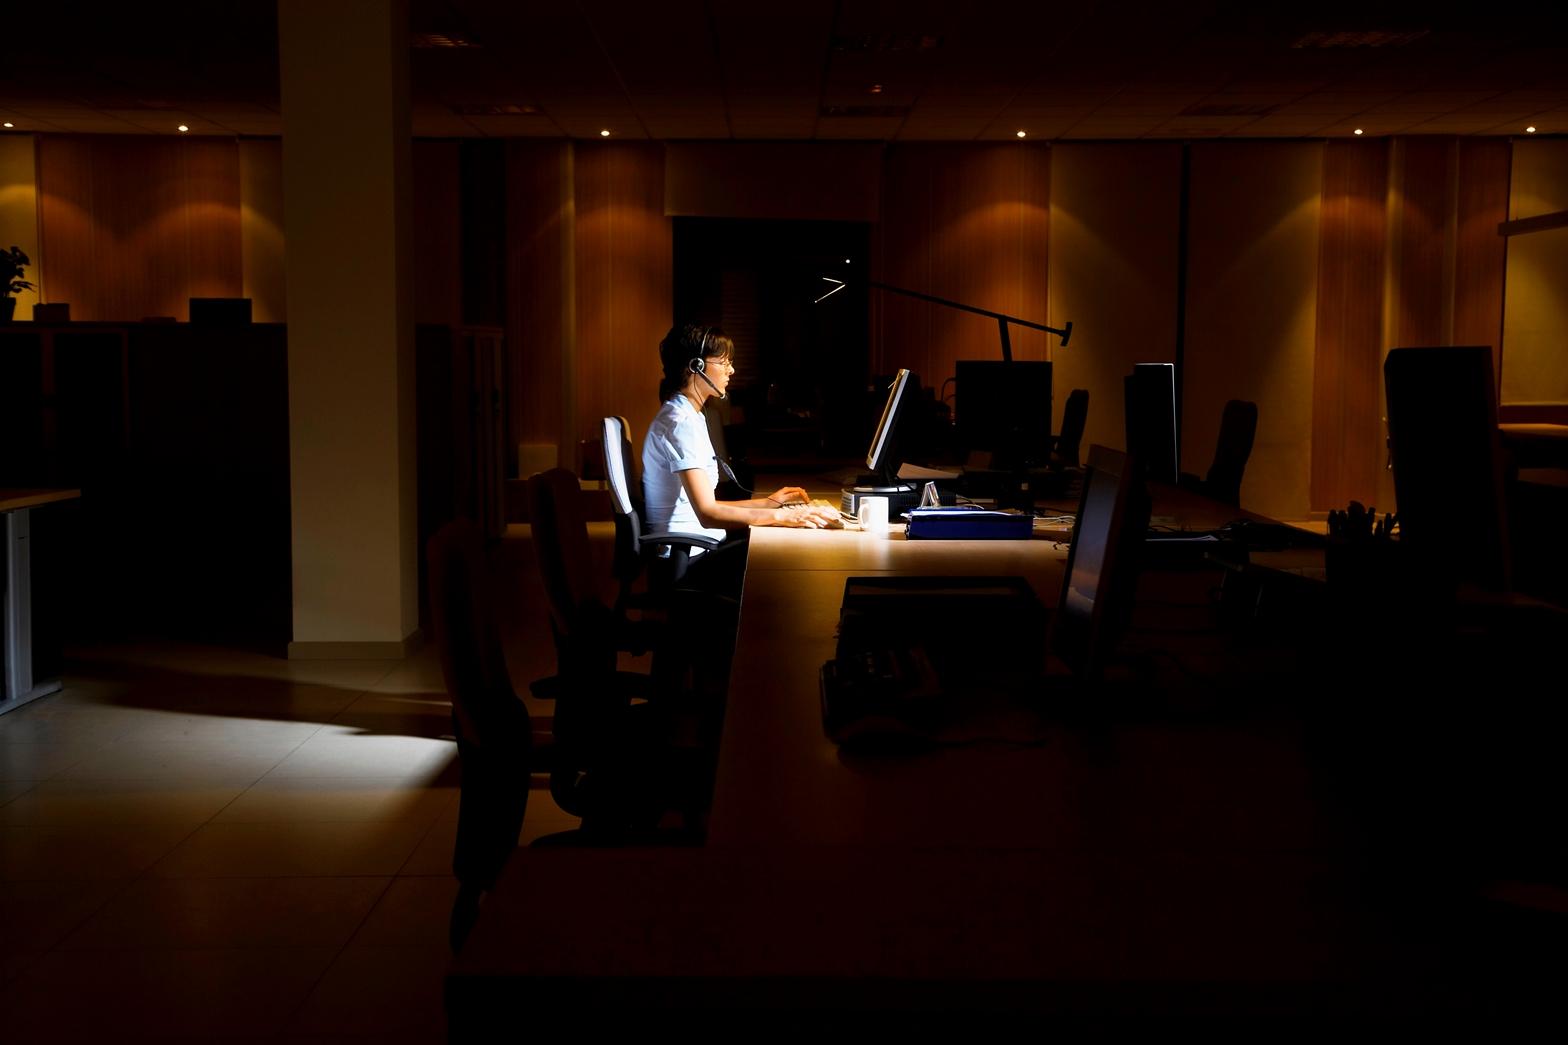 Τι δεν κάνουμε όσο είμαστε online